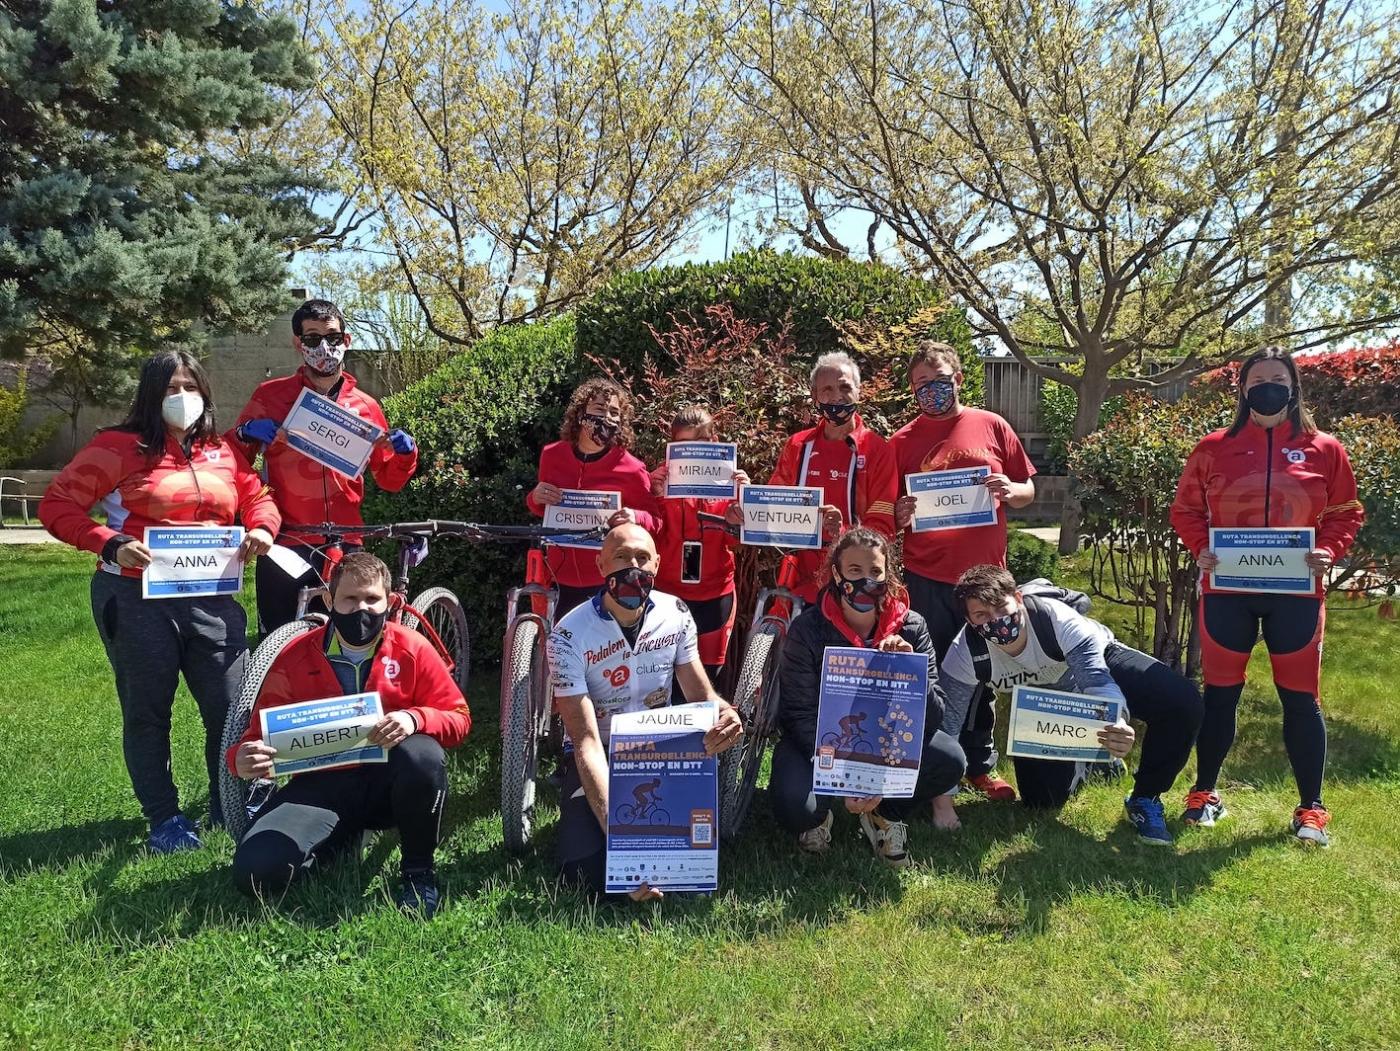 L'esportista Jaume Rovira i el Consell Esportiu de l'Urgell impulsen del 16 al 25 d'abril la ruta solidària Transurgellenca a favor del Grup Alba.